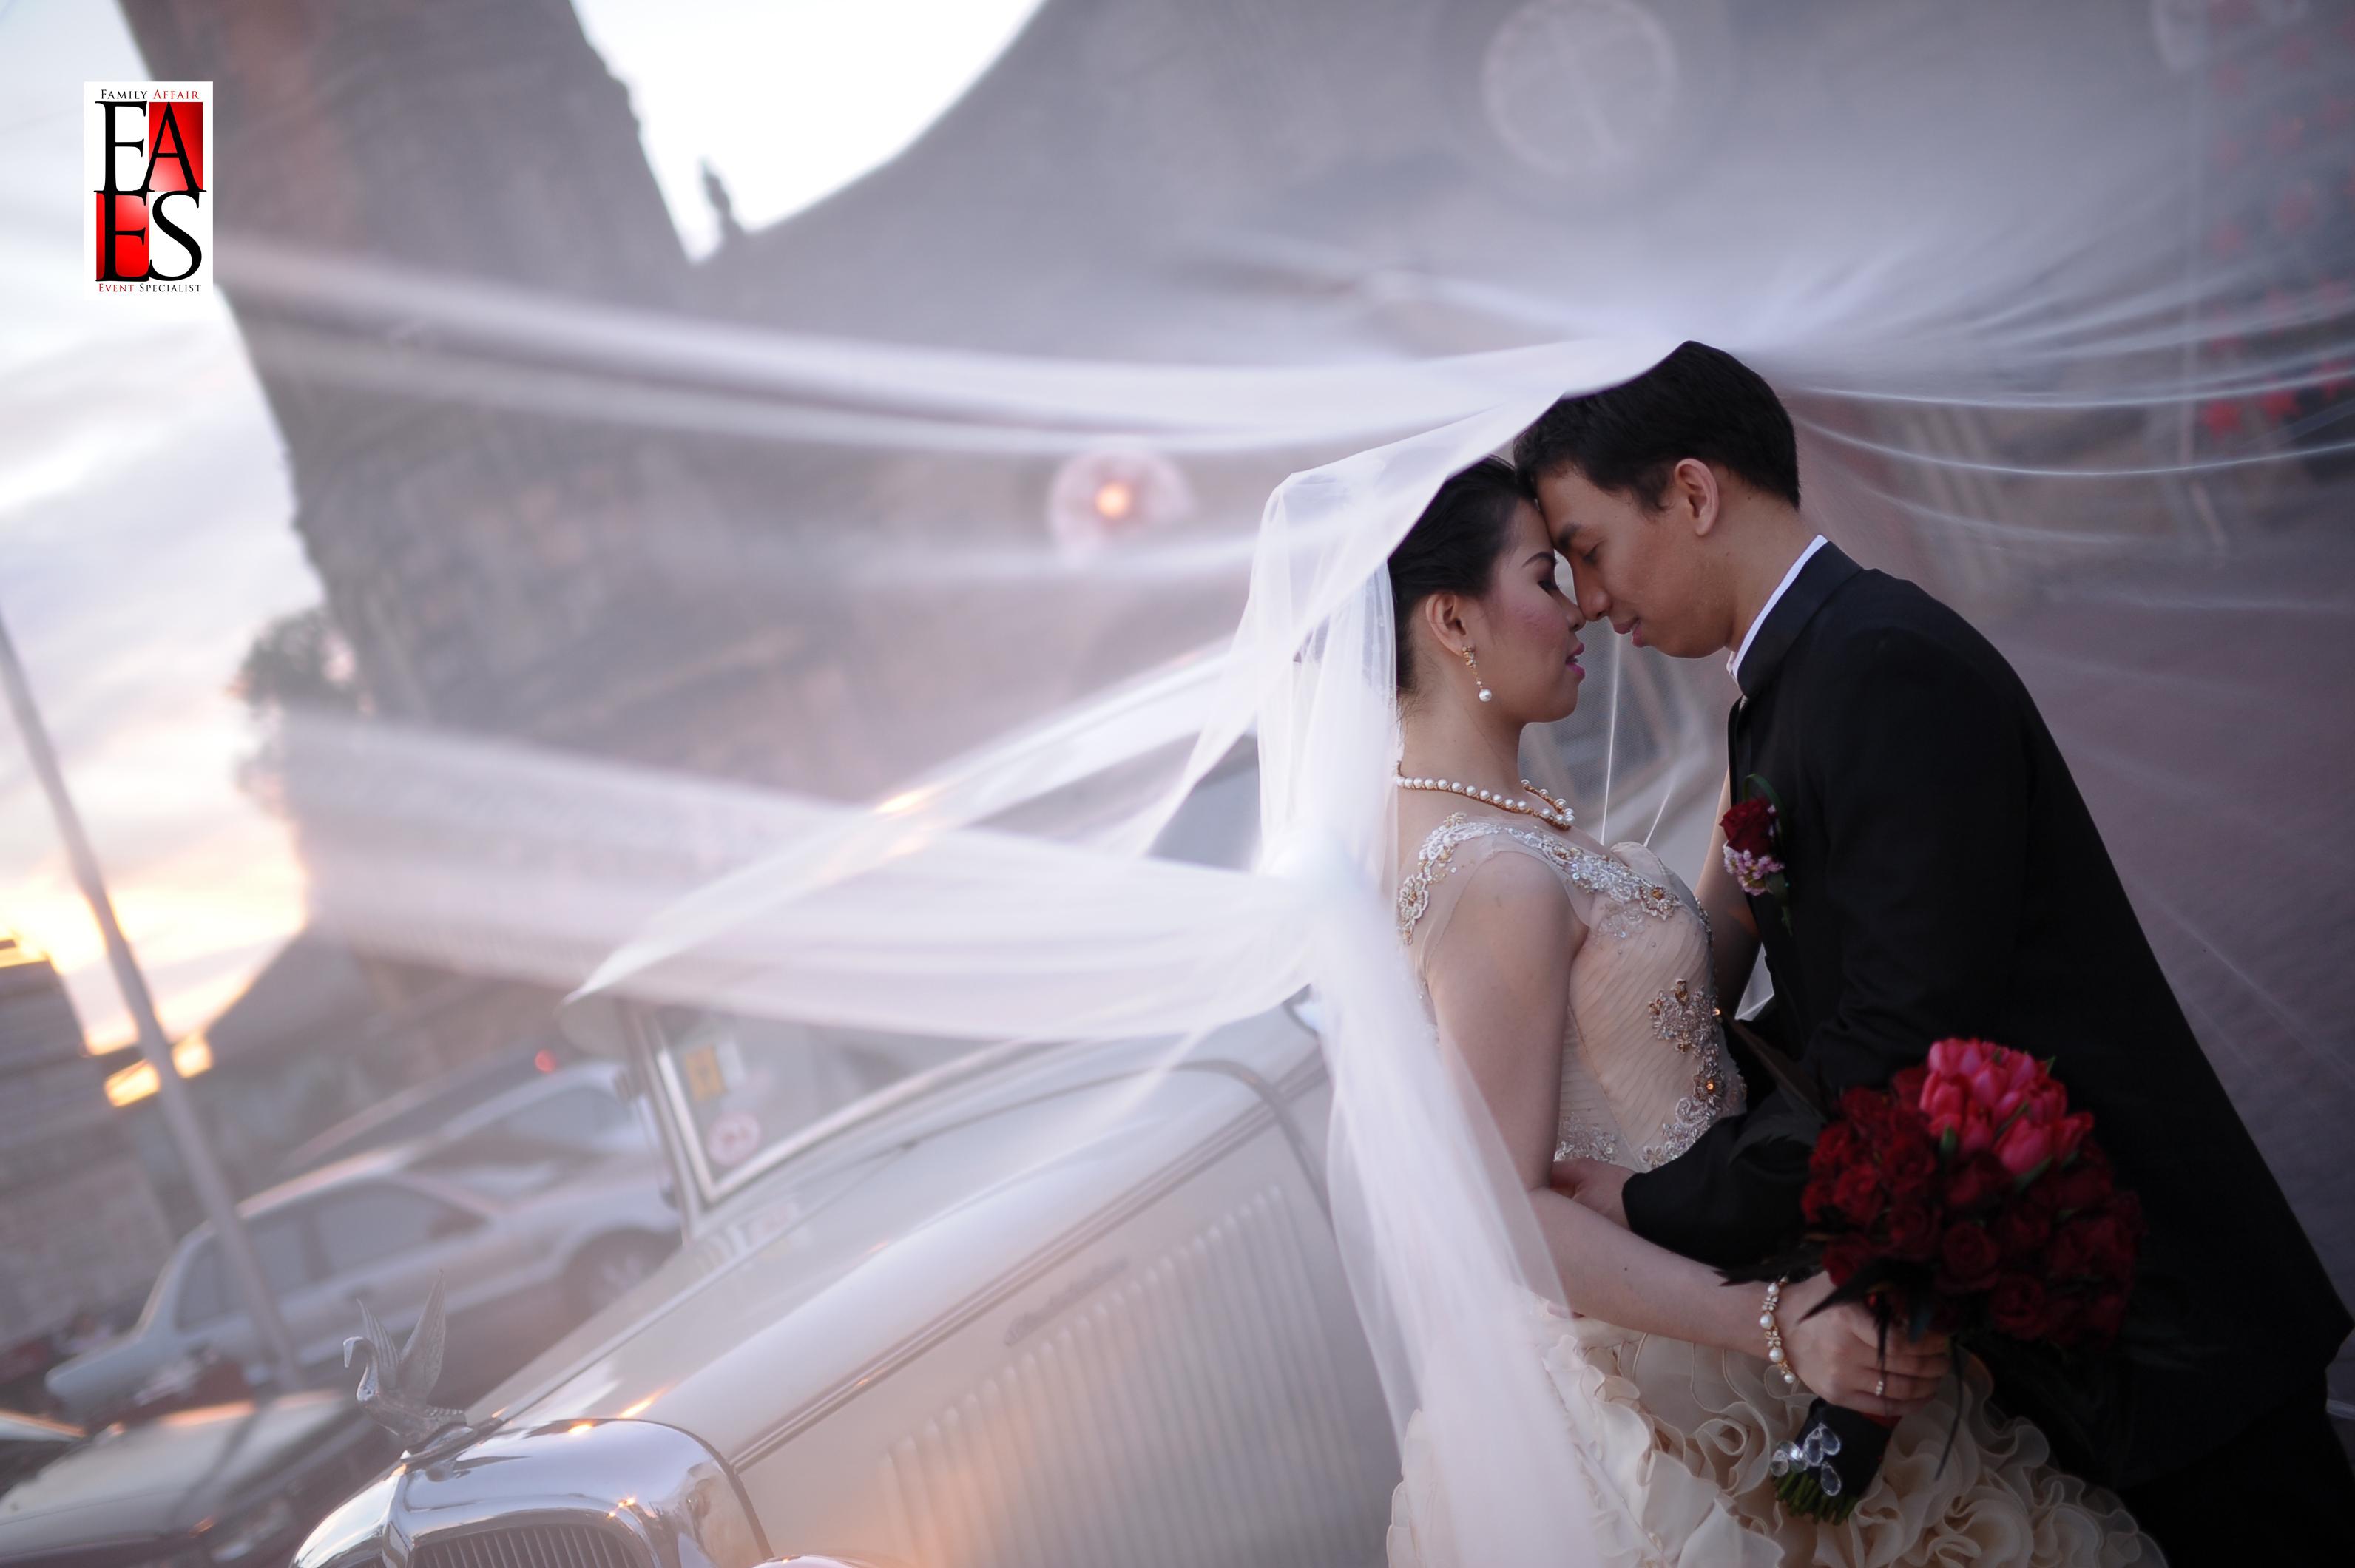 Overseas brides